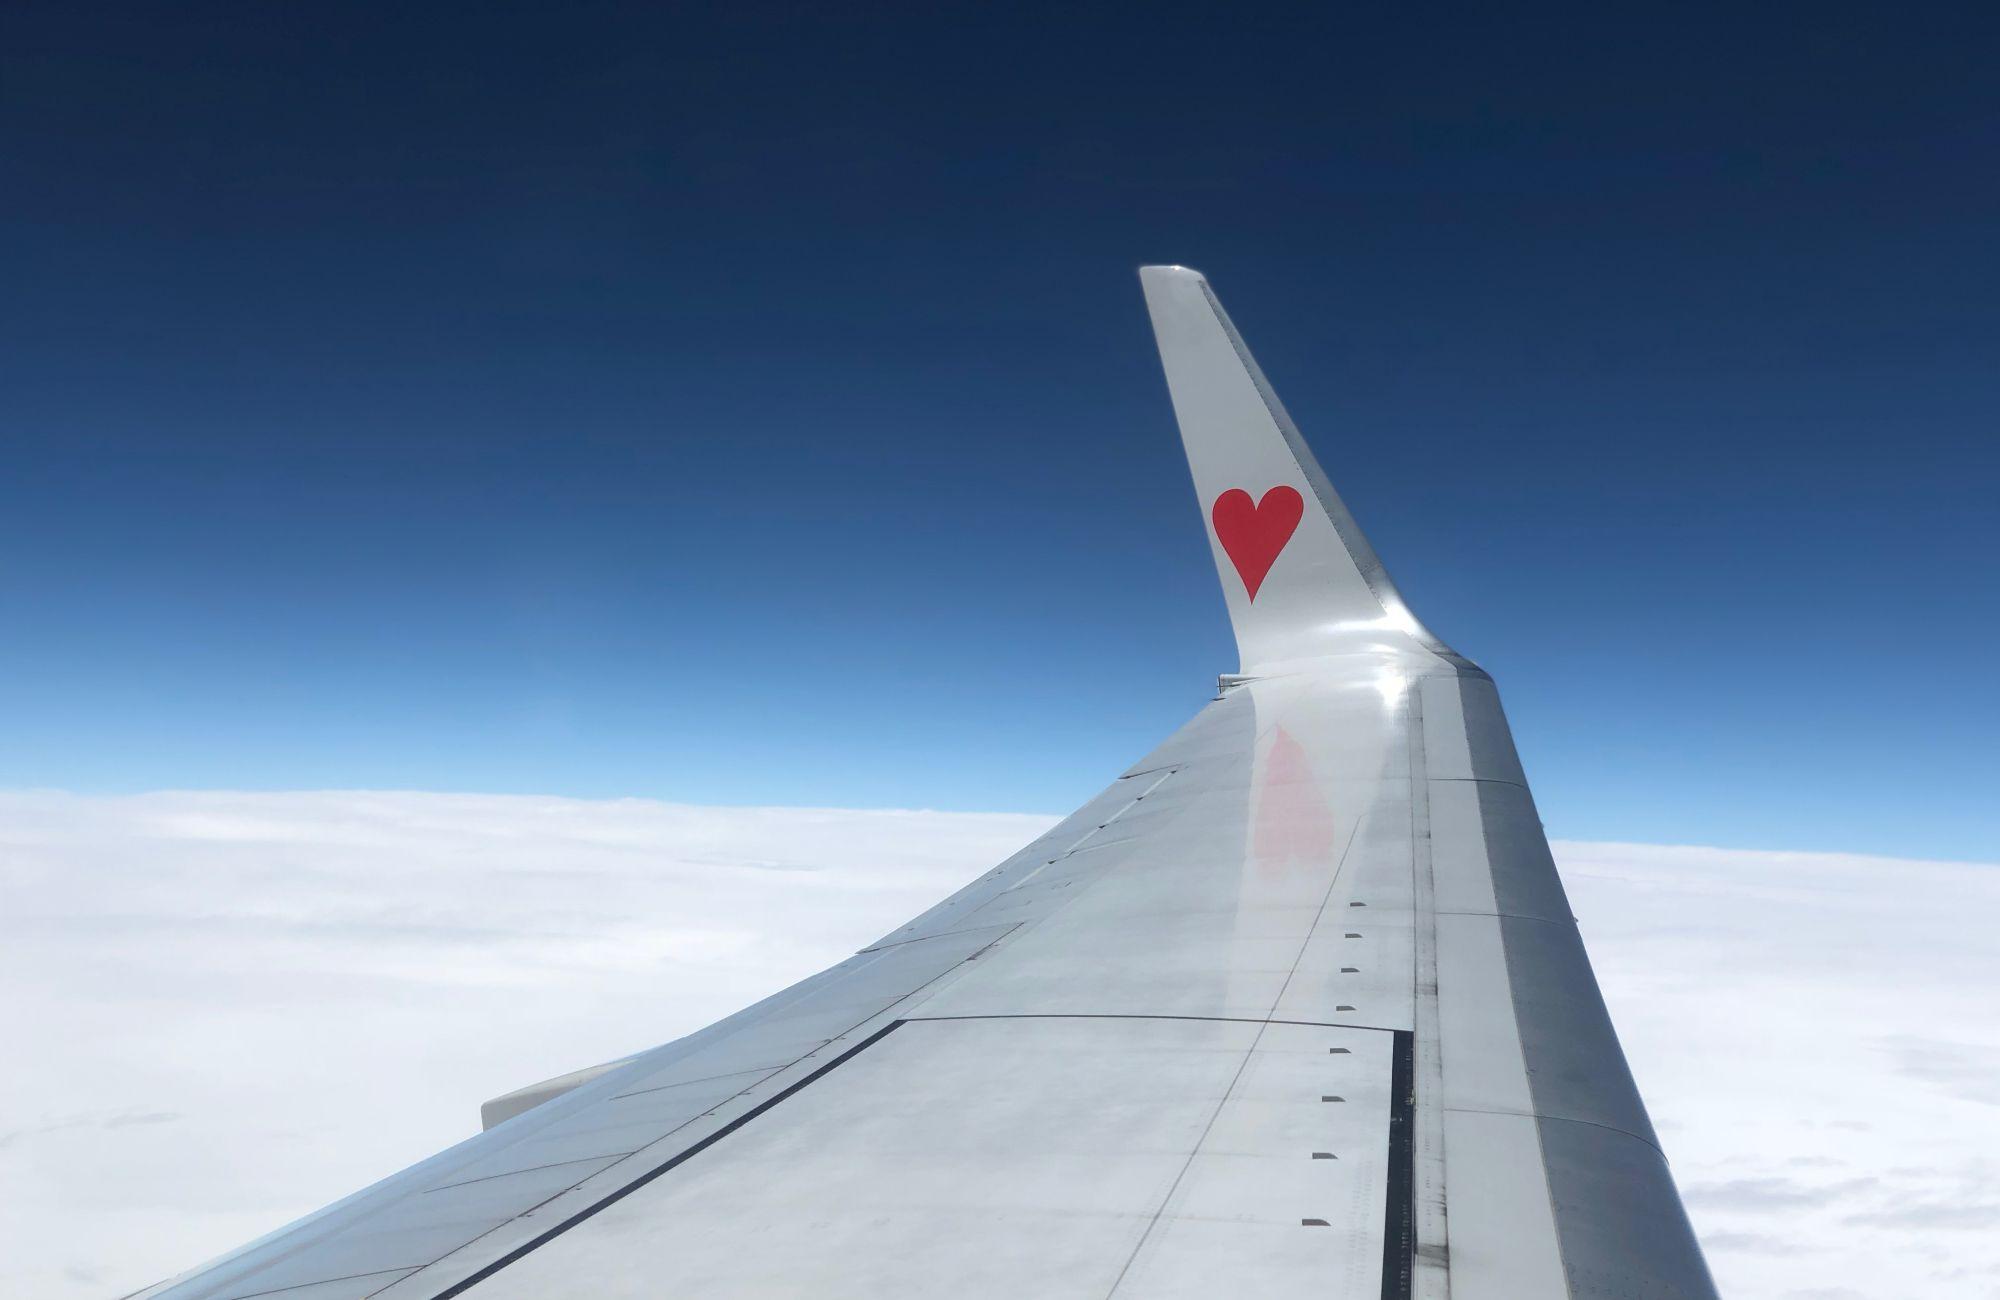 Liquidi aereo con cuore